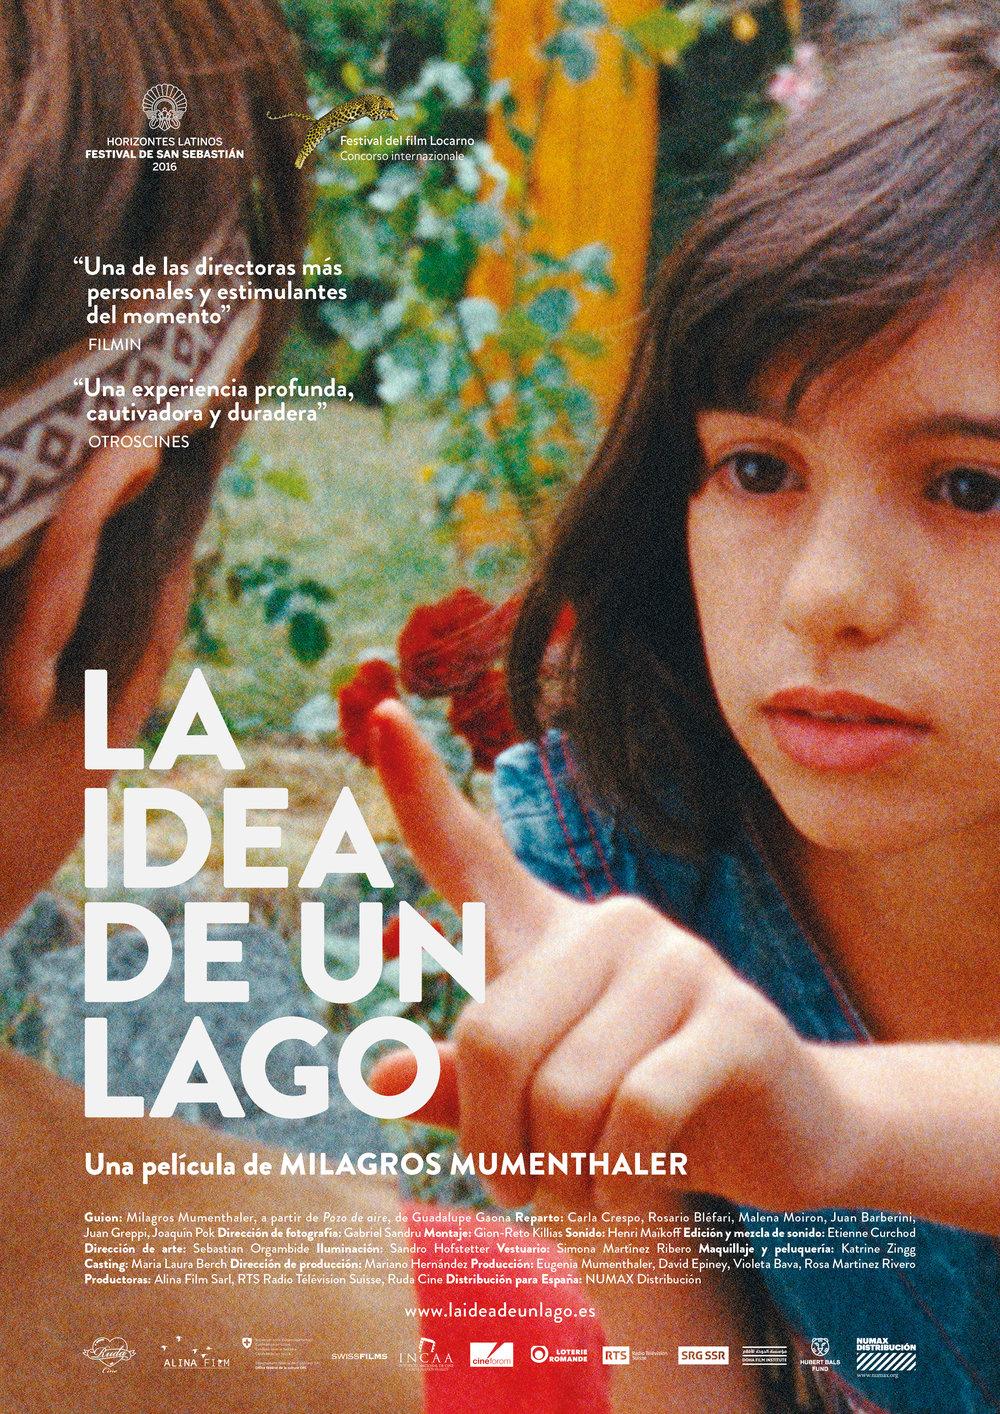 la-idea-de-un-lago-carteljpg-592edda887079.jpg